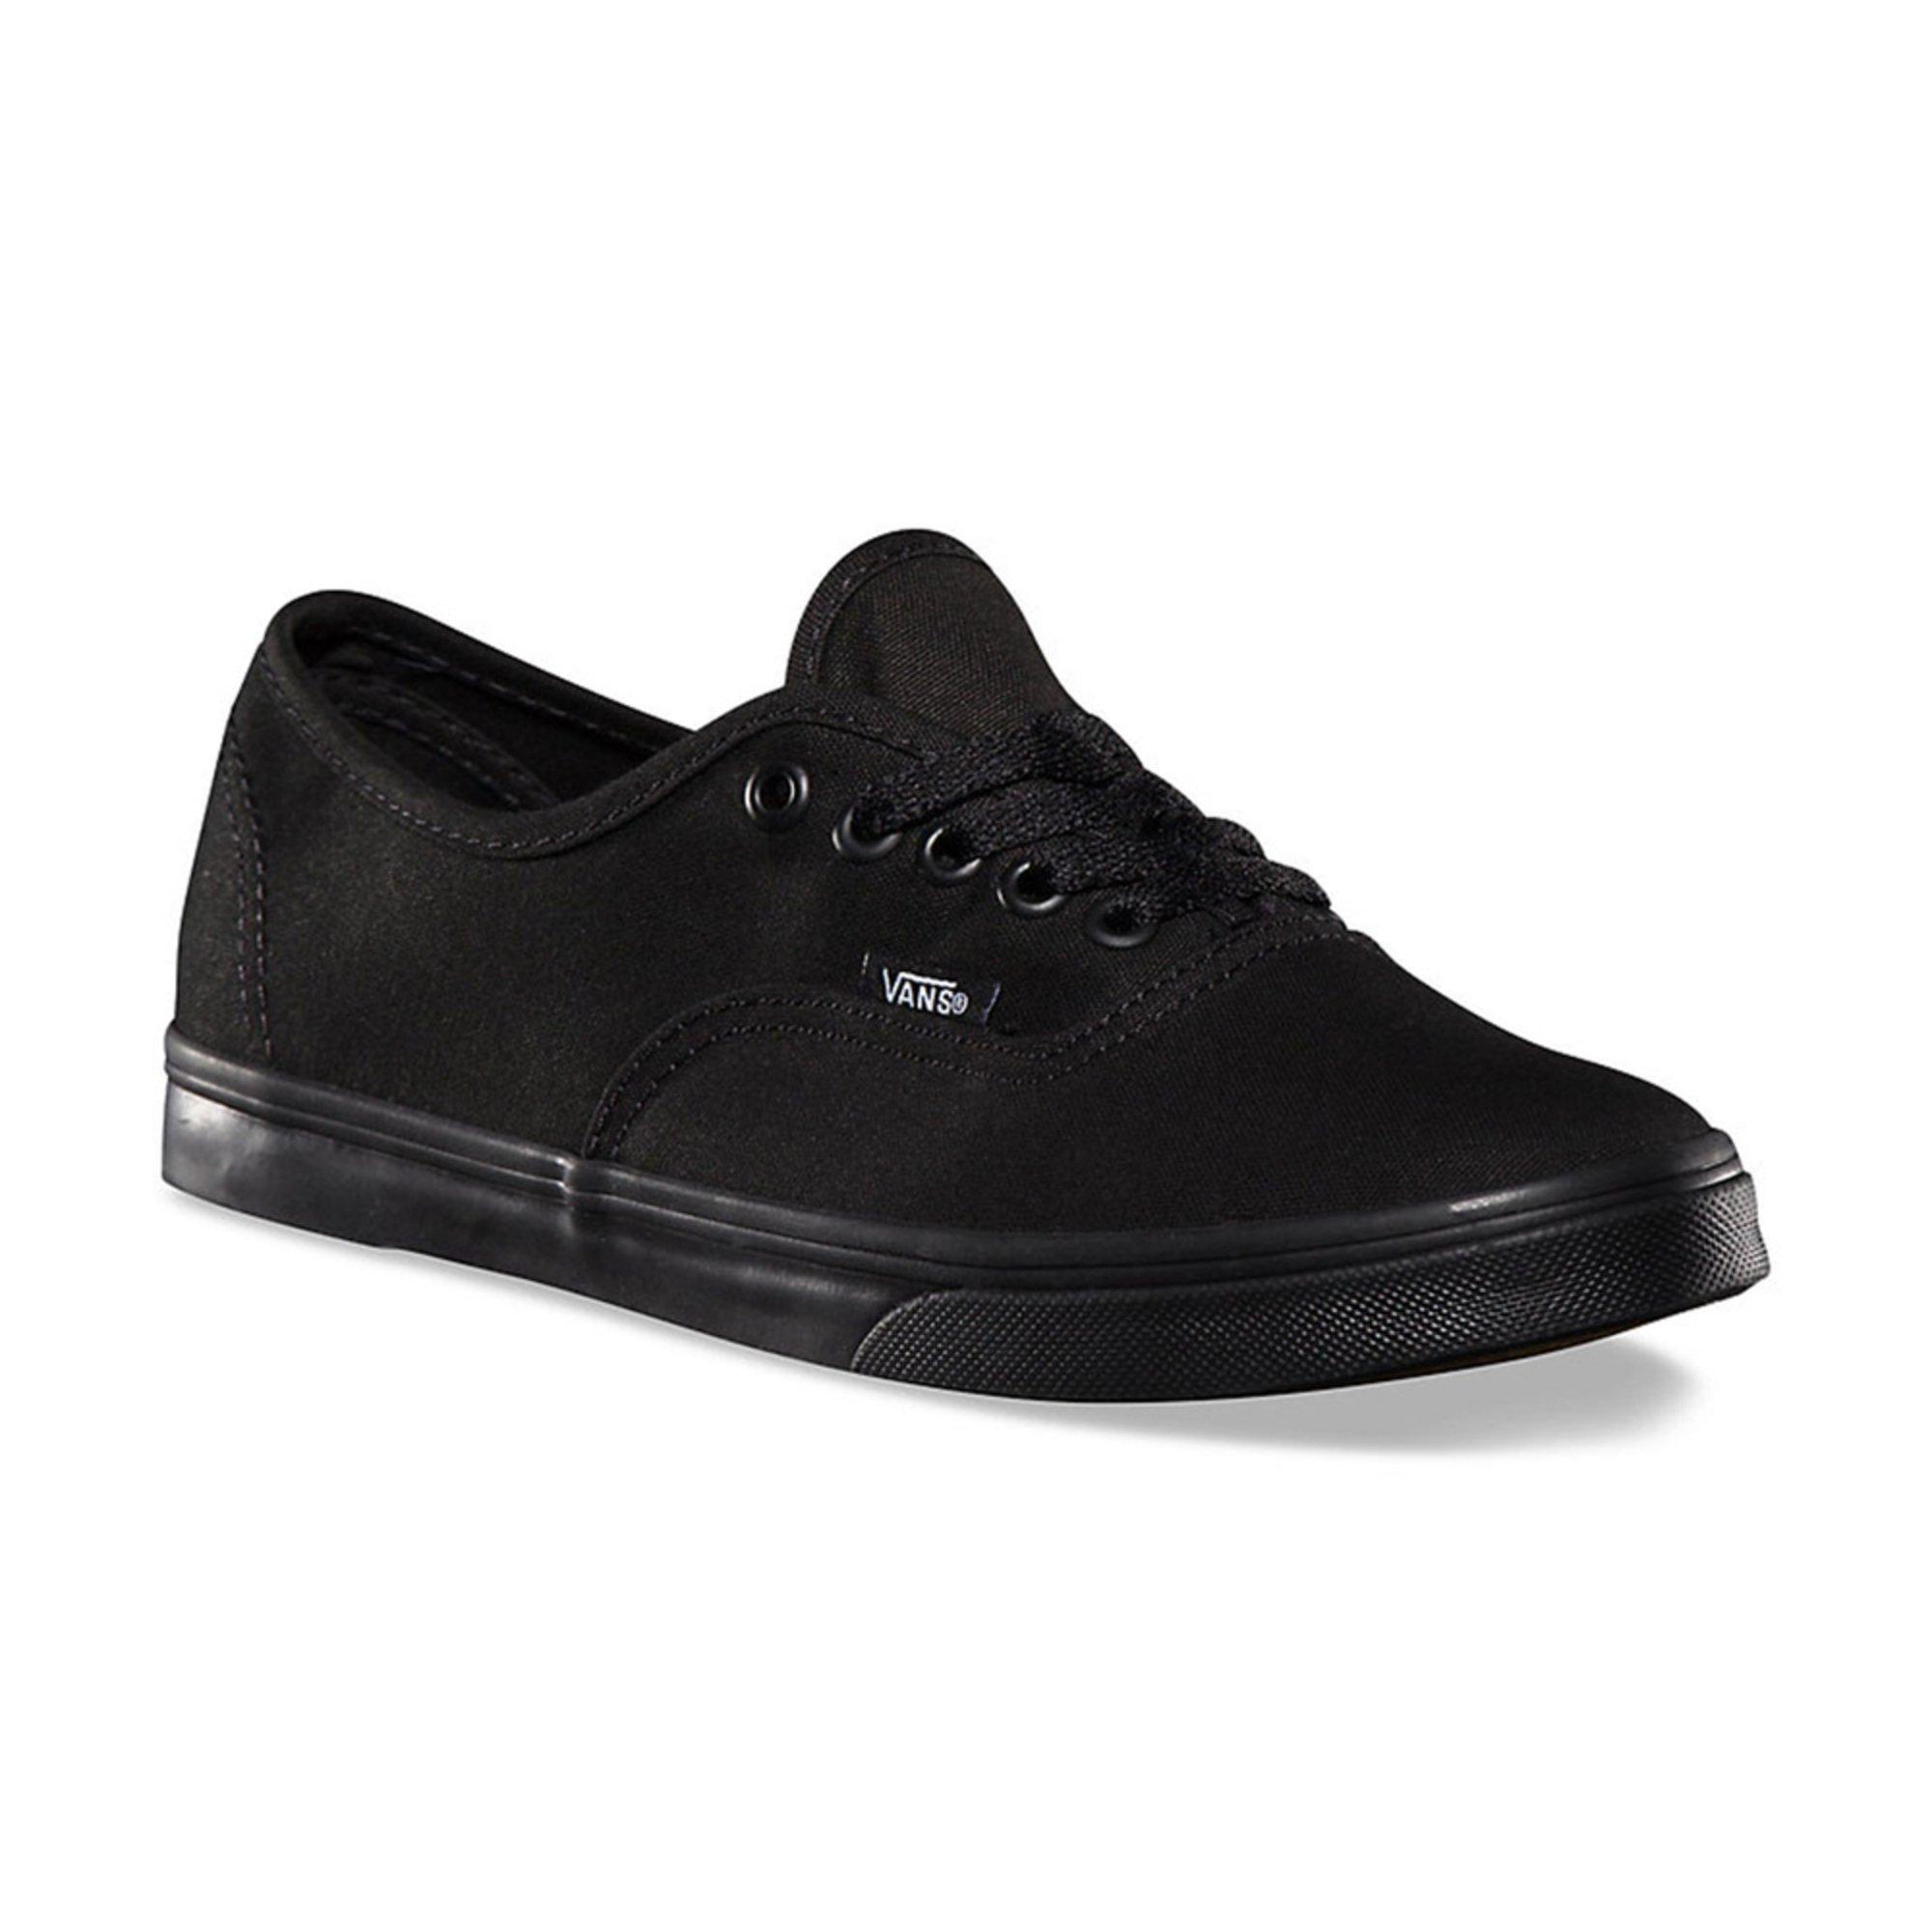 debebeda8ad Vans. Vans Women s Authentic Lo Pro Skate Shoe